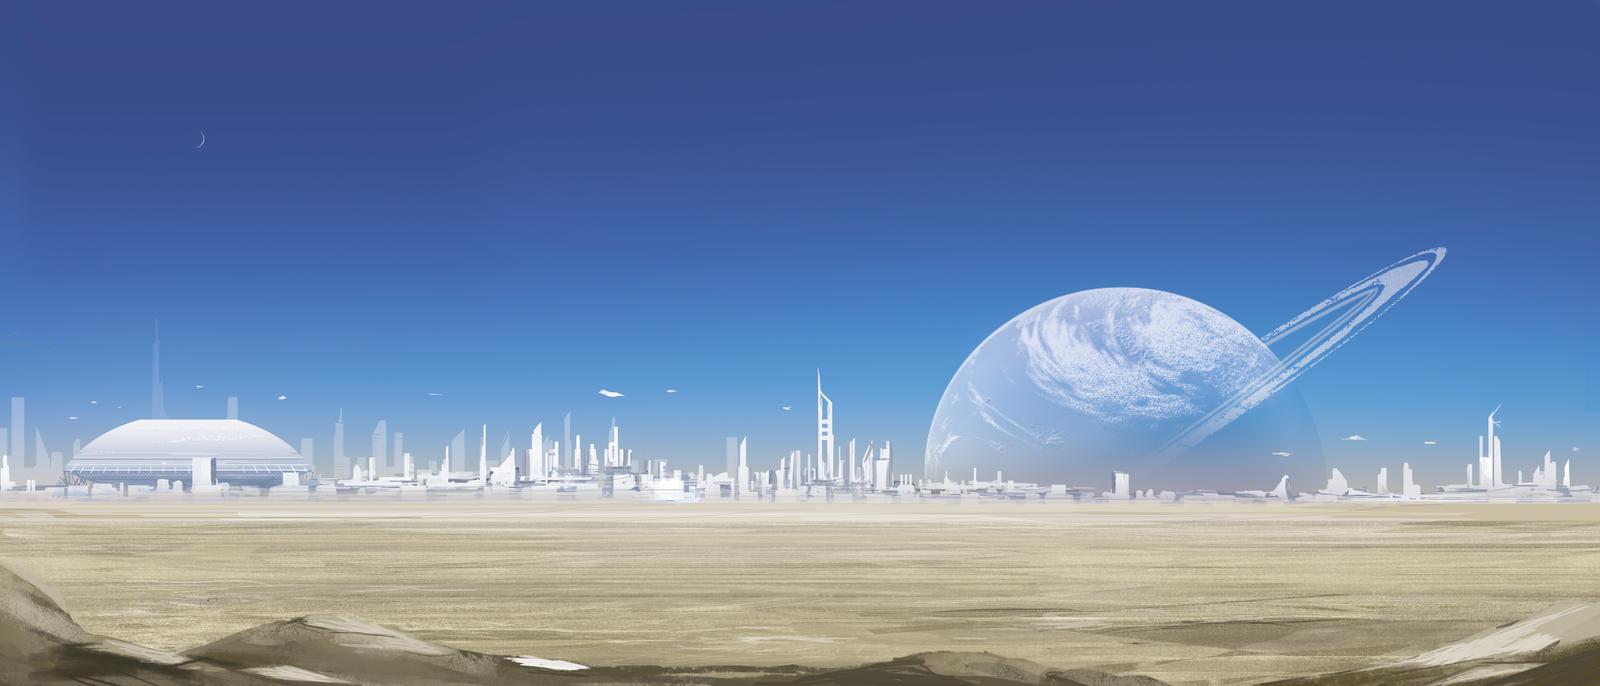 Desert Planet Landscape 10813 | RIMEDIA